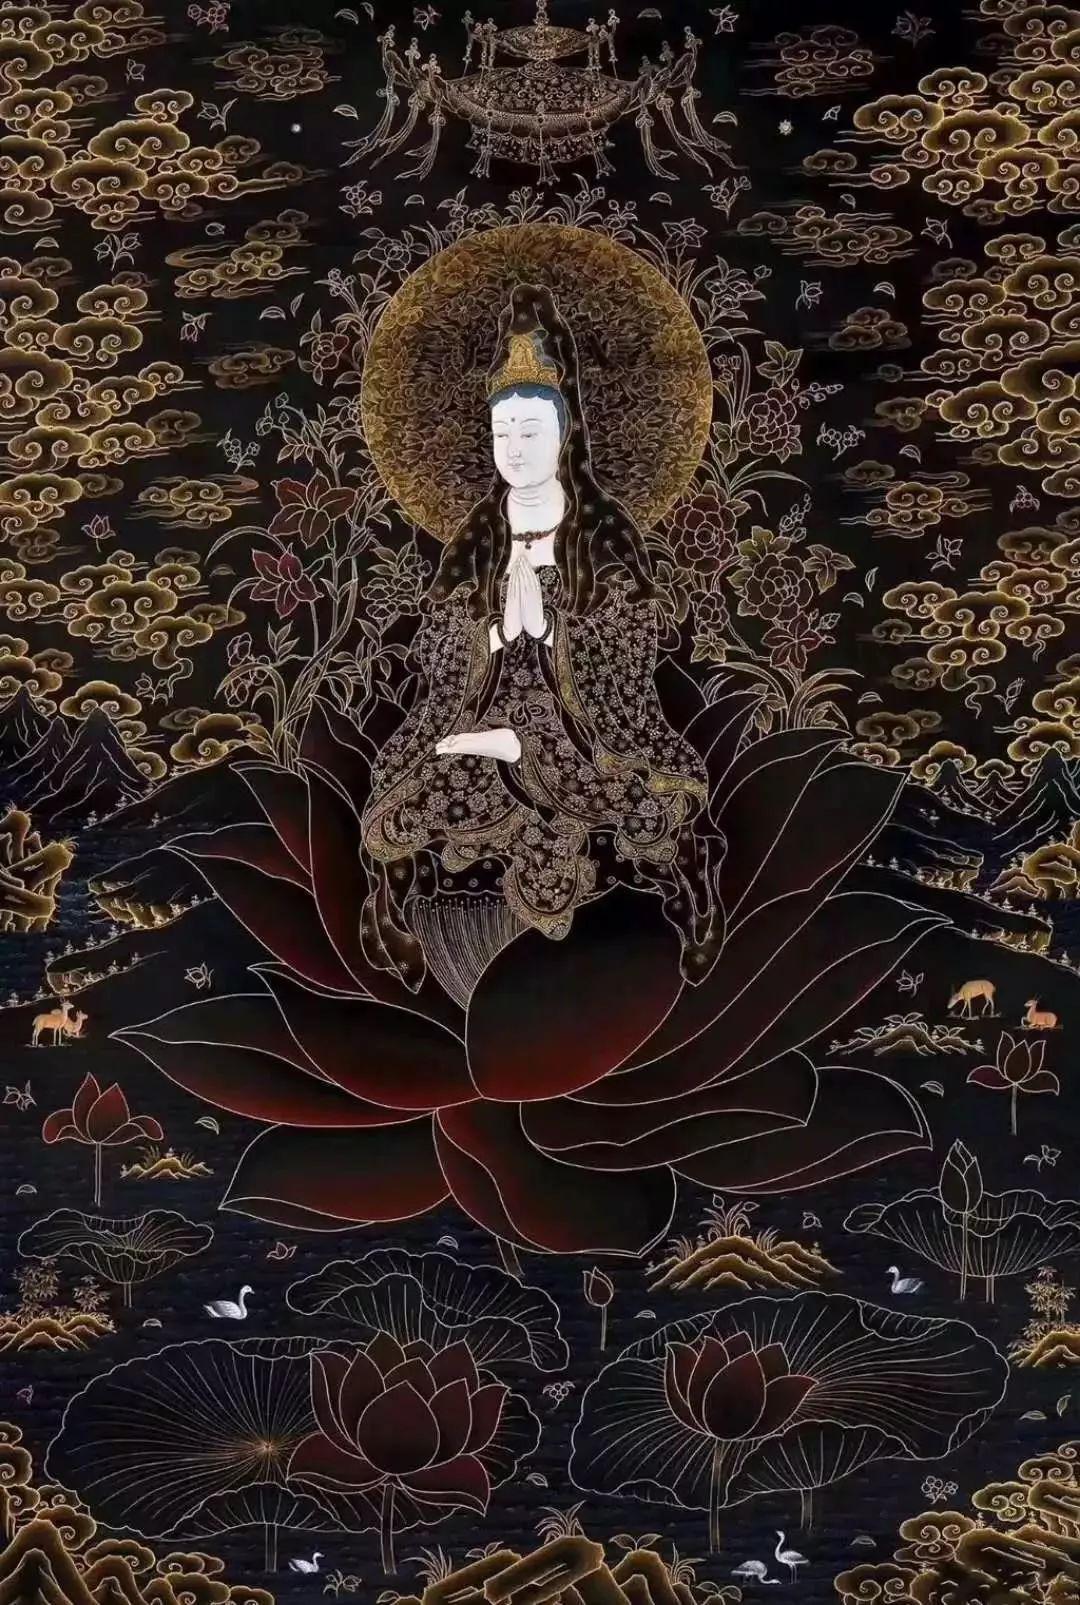 六字大明咒唵嘛呢叭咪吽是大慈大悲观世音菩萨咒,源于梵文,象征一切诸菩萨的慈悲与加持.图片